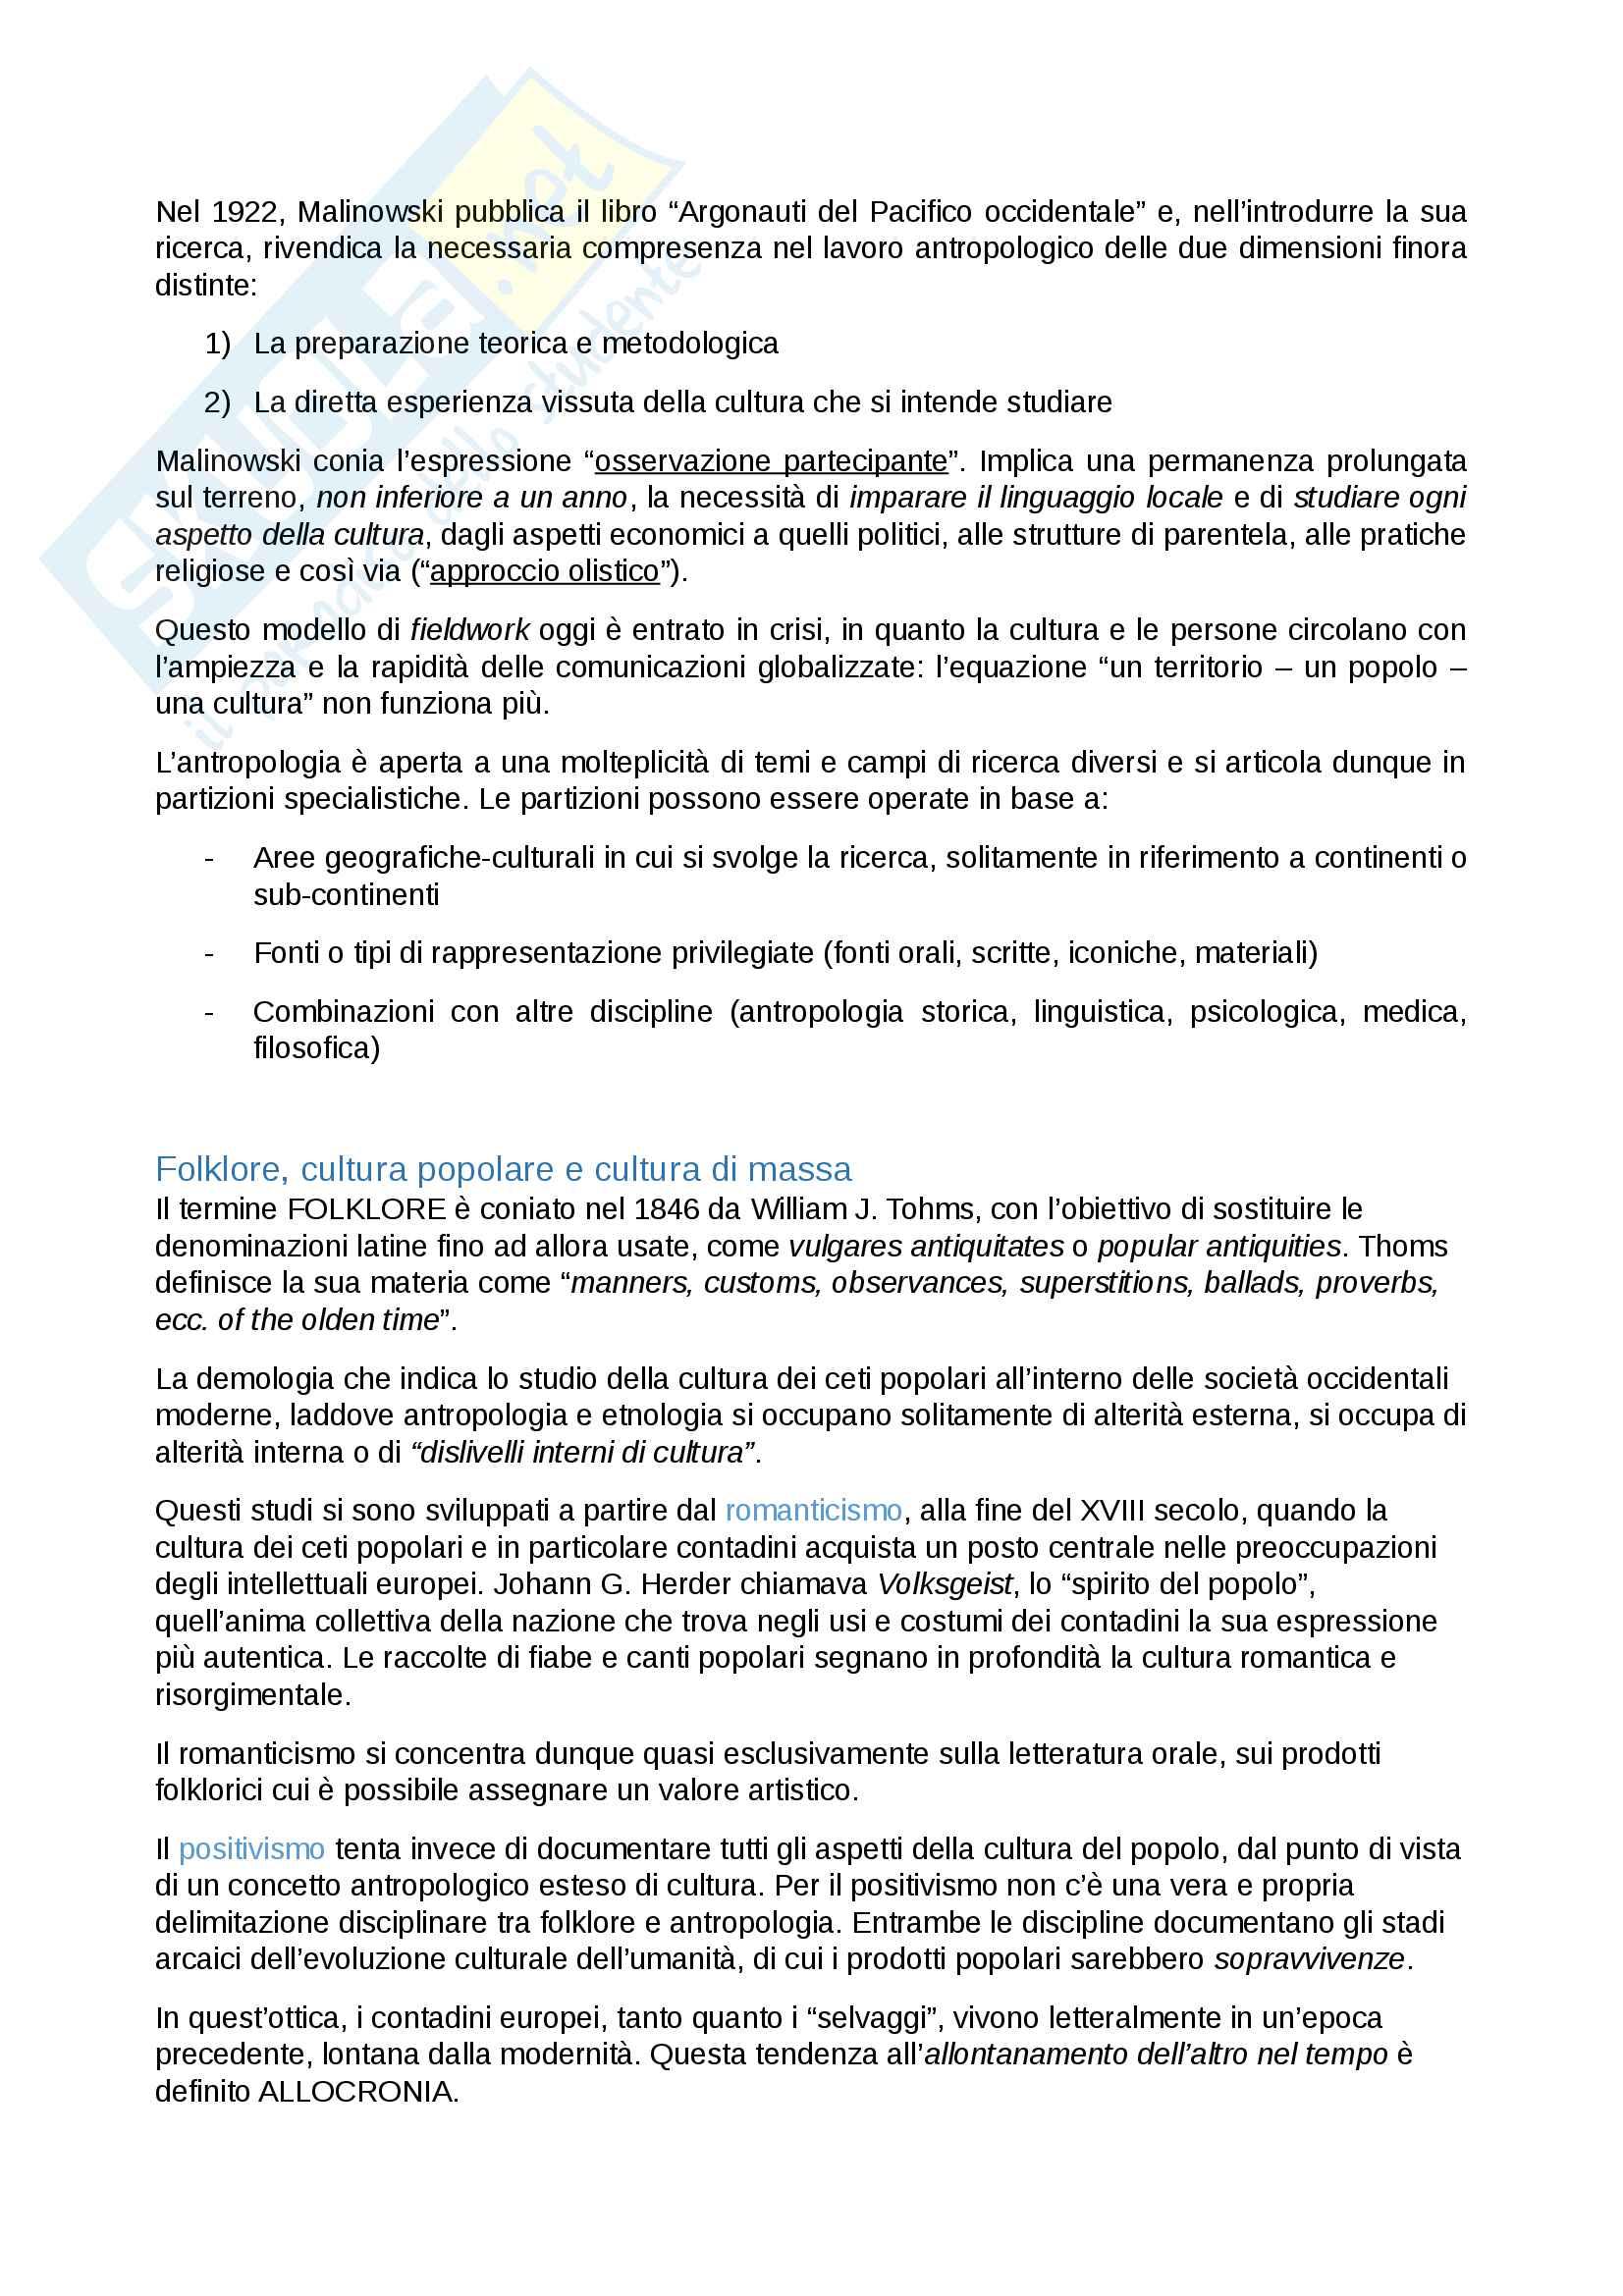 Riassunto esame Antropologia dei patrimoni culturali con la prof.ssa E. Rossi - Libri consigliati I beni culturali demoetnoantropologici e Forme di antropologia Pag. 2